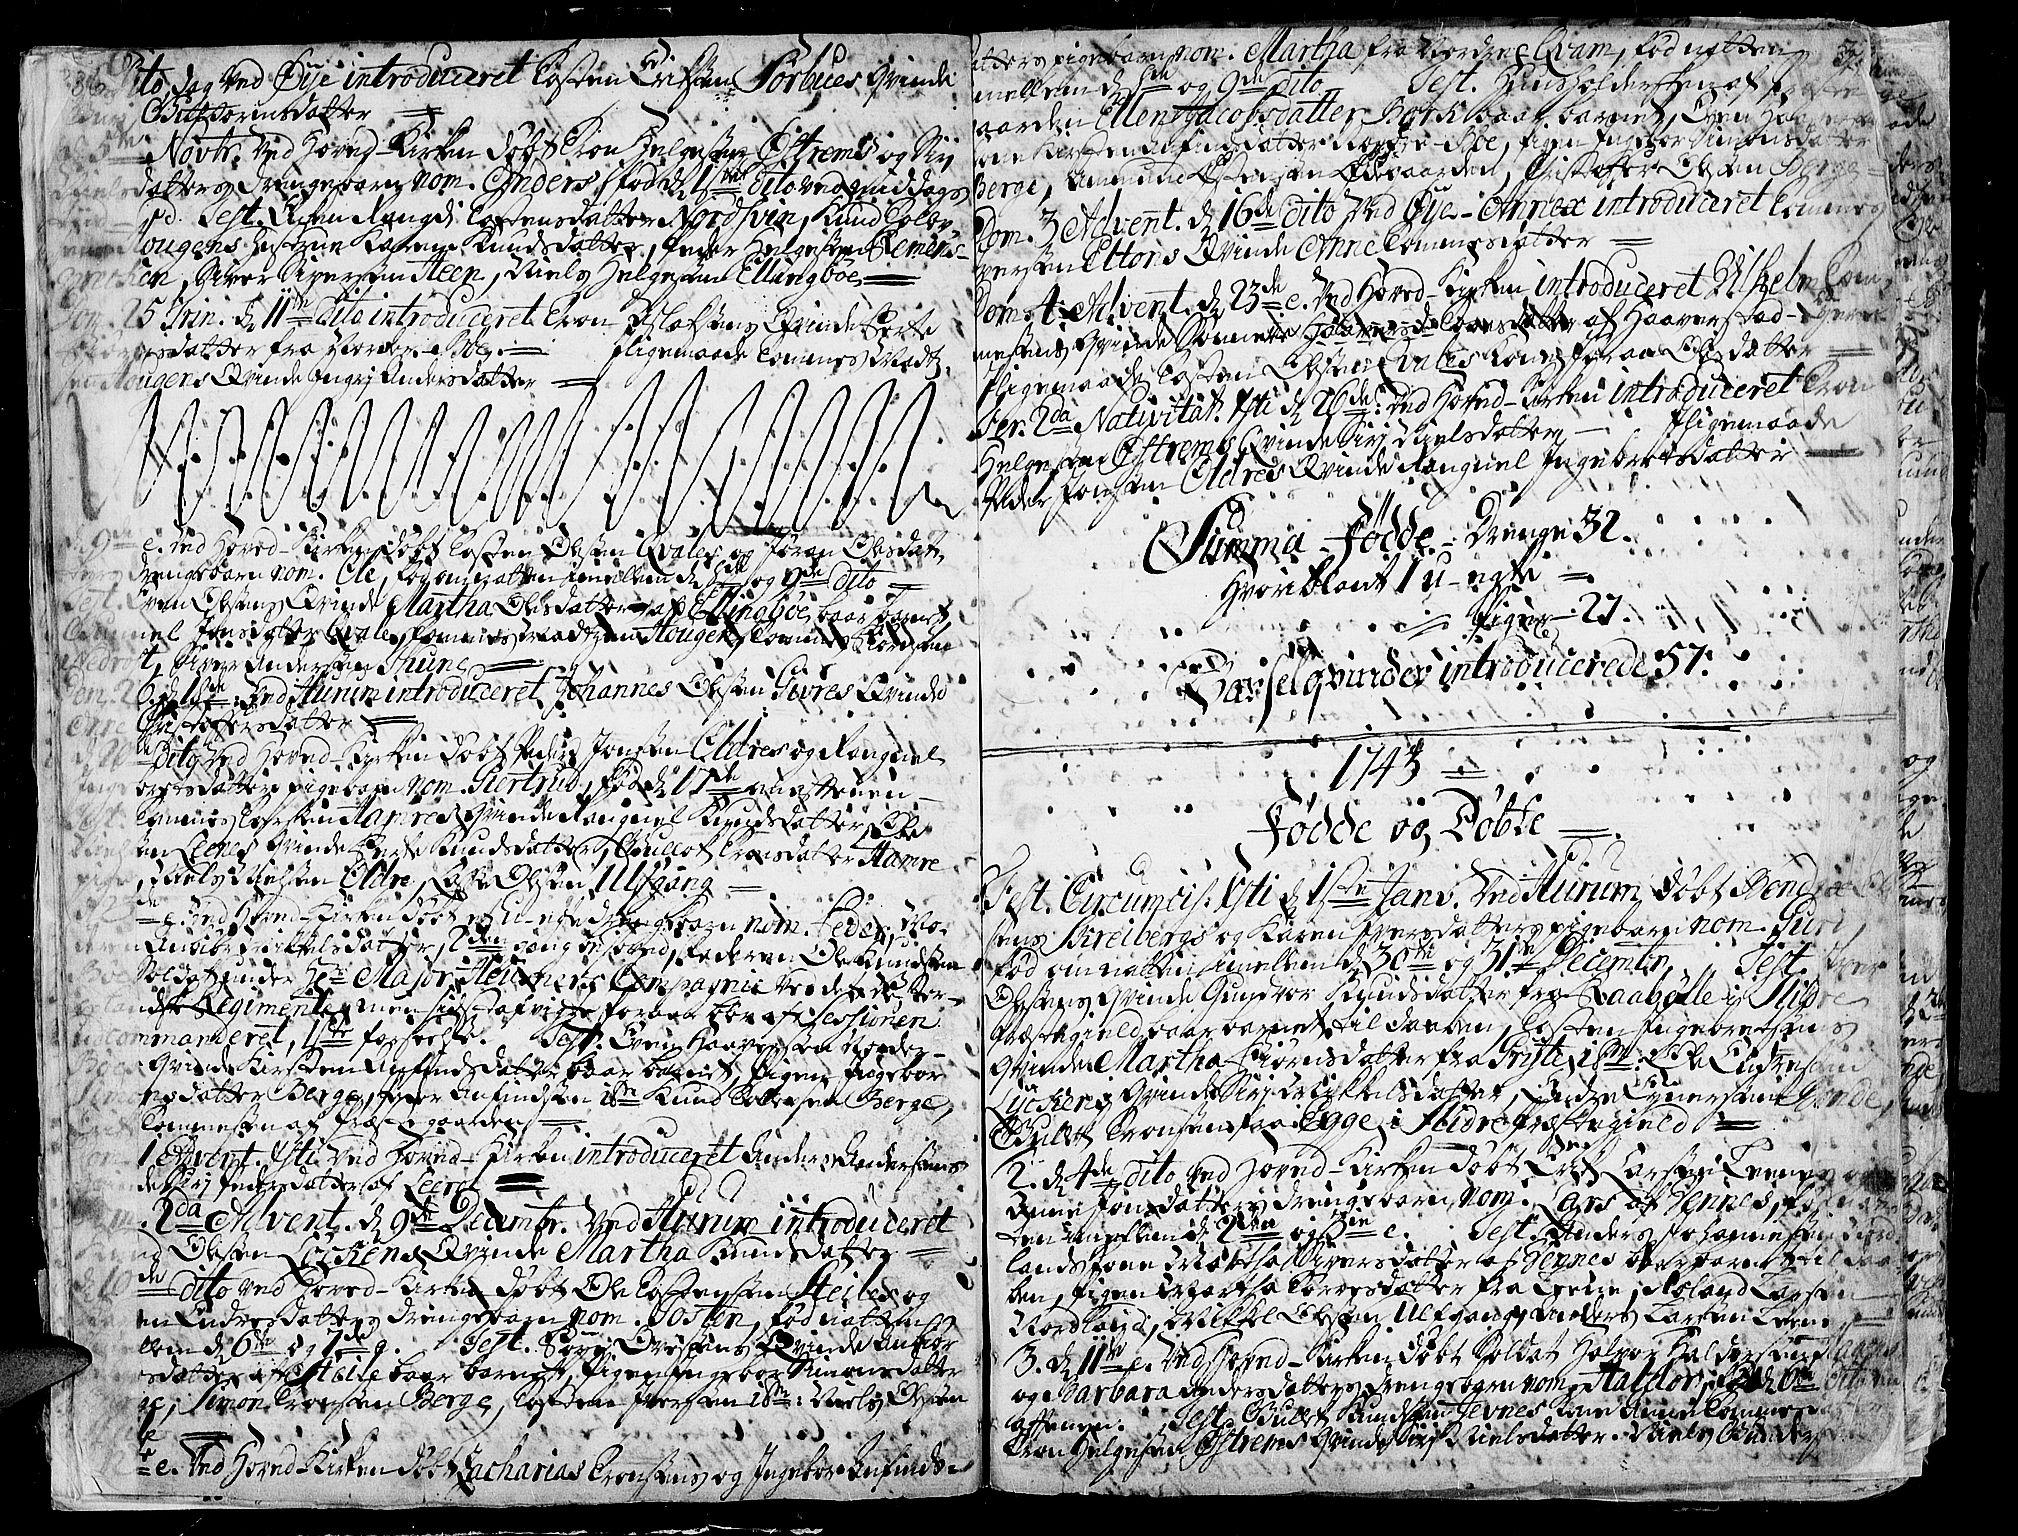 SAH, Vang prestekontor, Valdres, Ministerialbok nr. 1, 1730-1796, s. 36-37